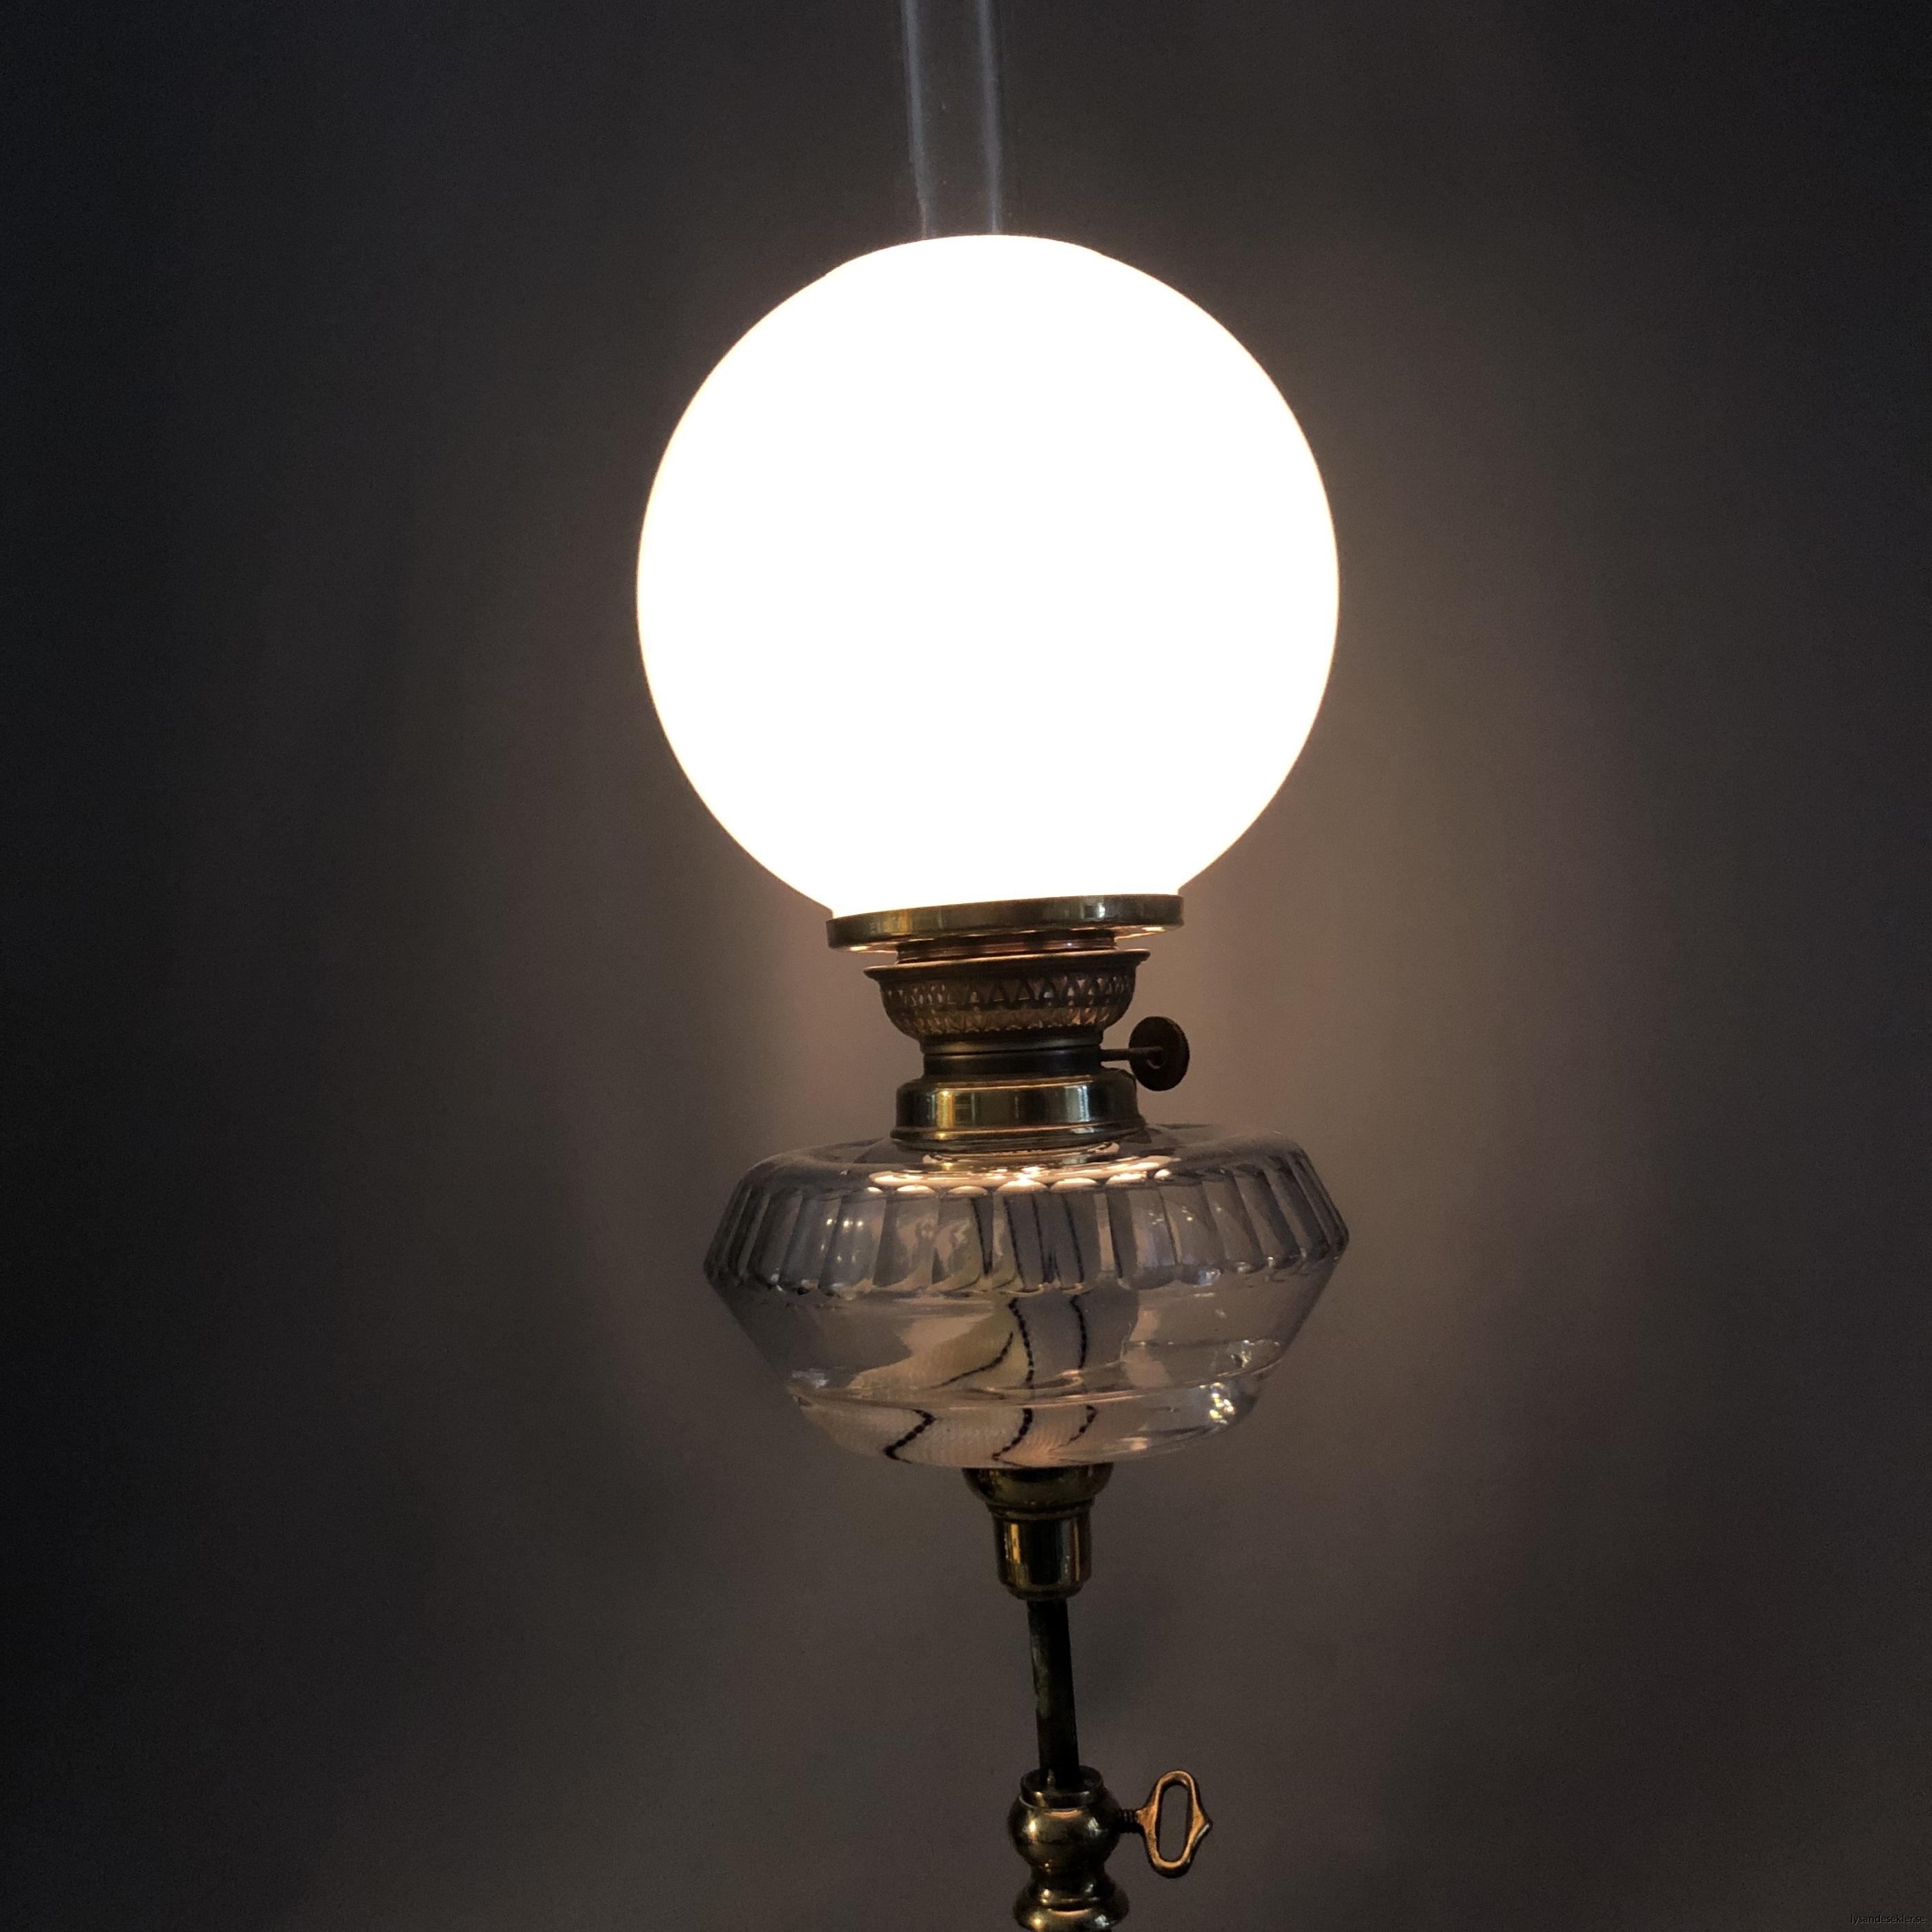 opalvit fotogenlampskupa kupa till fotogenlampa vit opal5